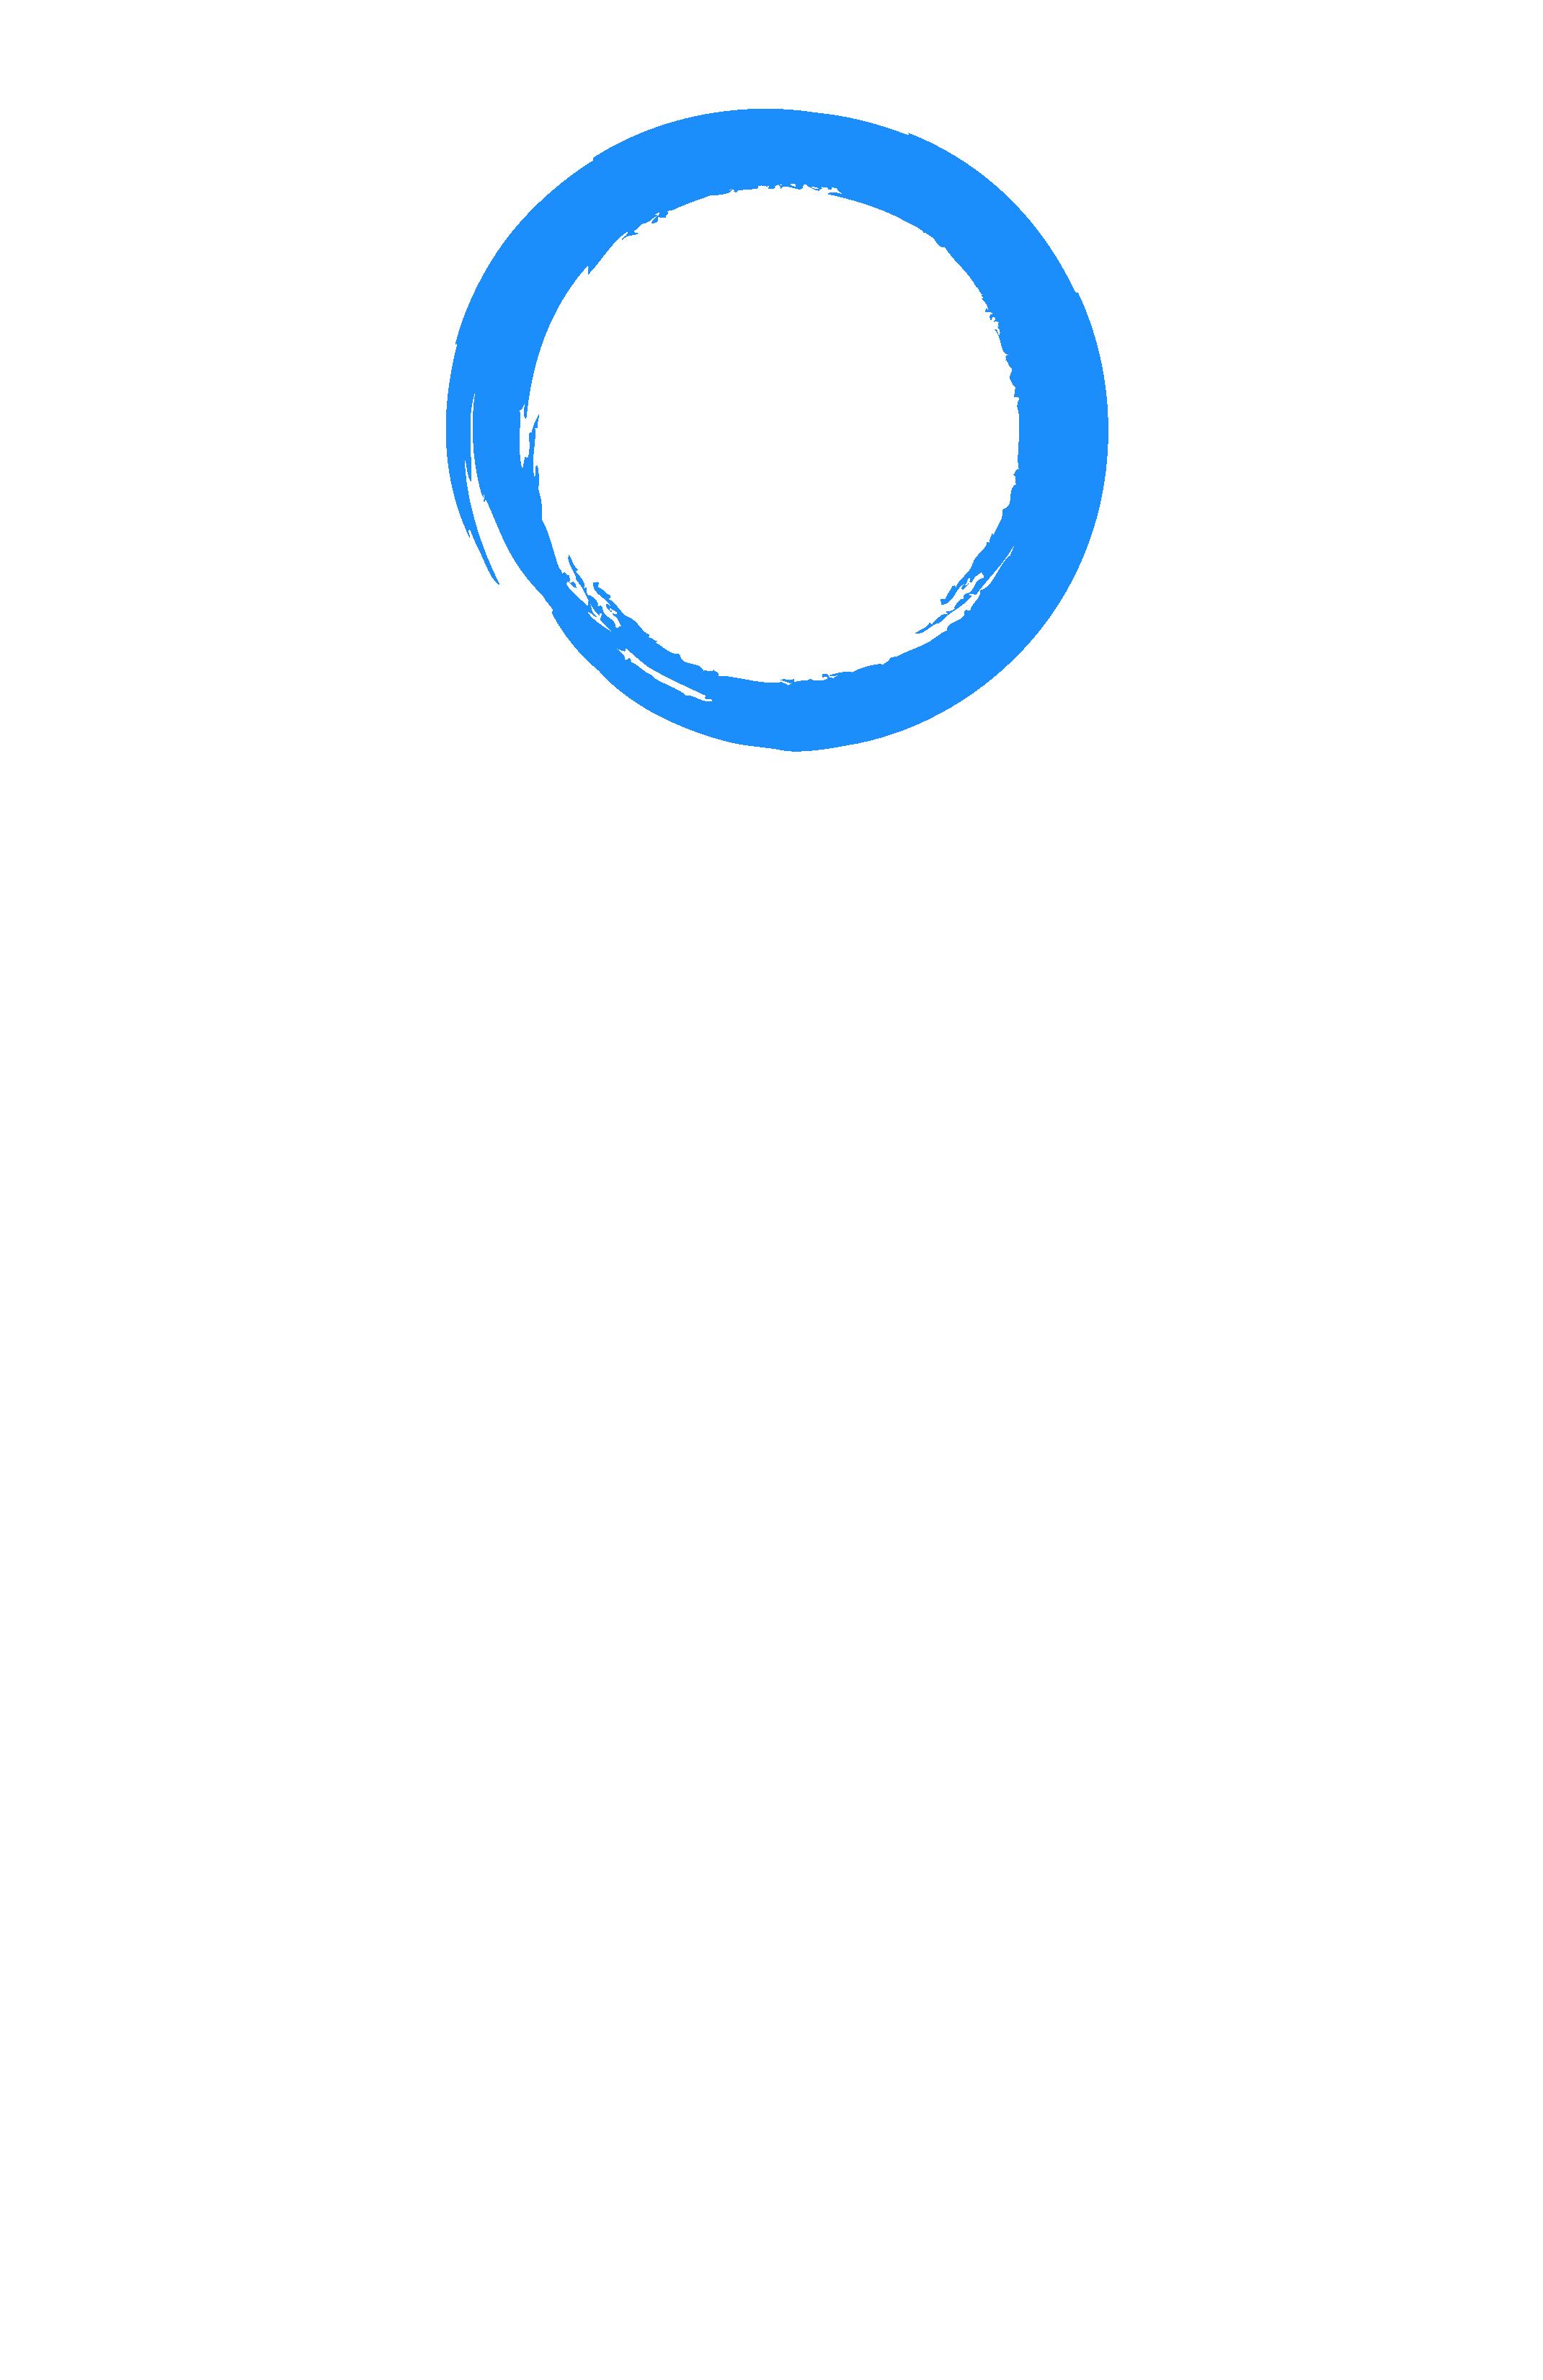 Kurkosky Detailing Logo